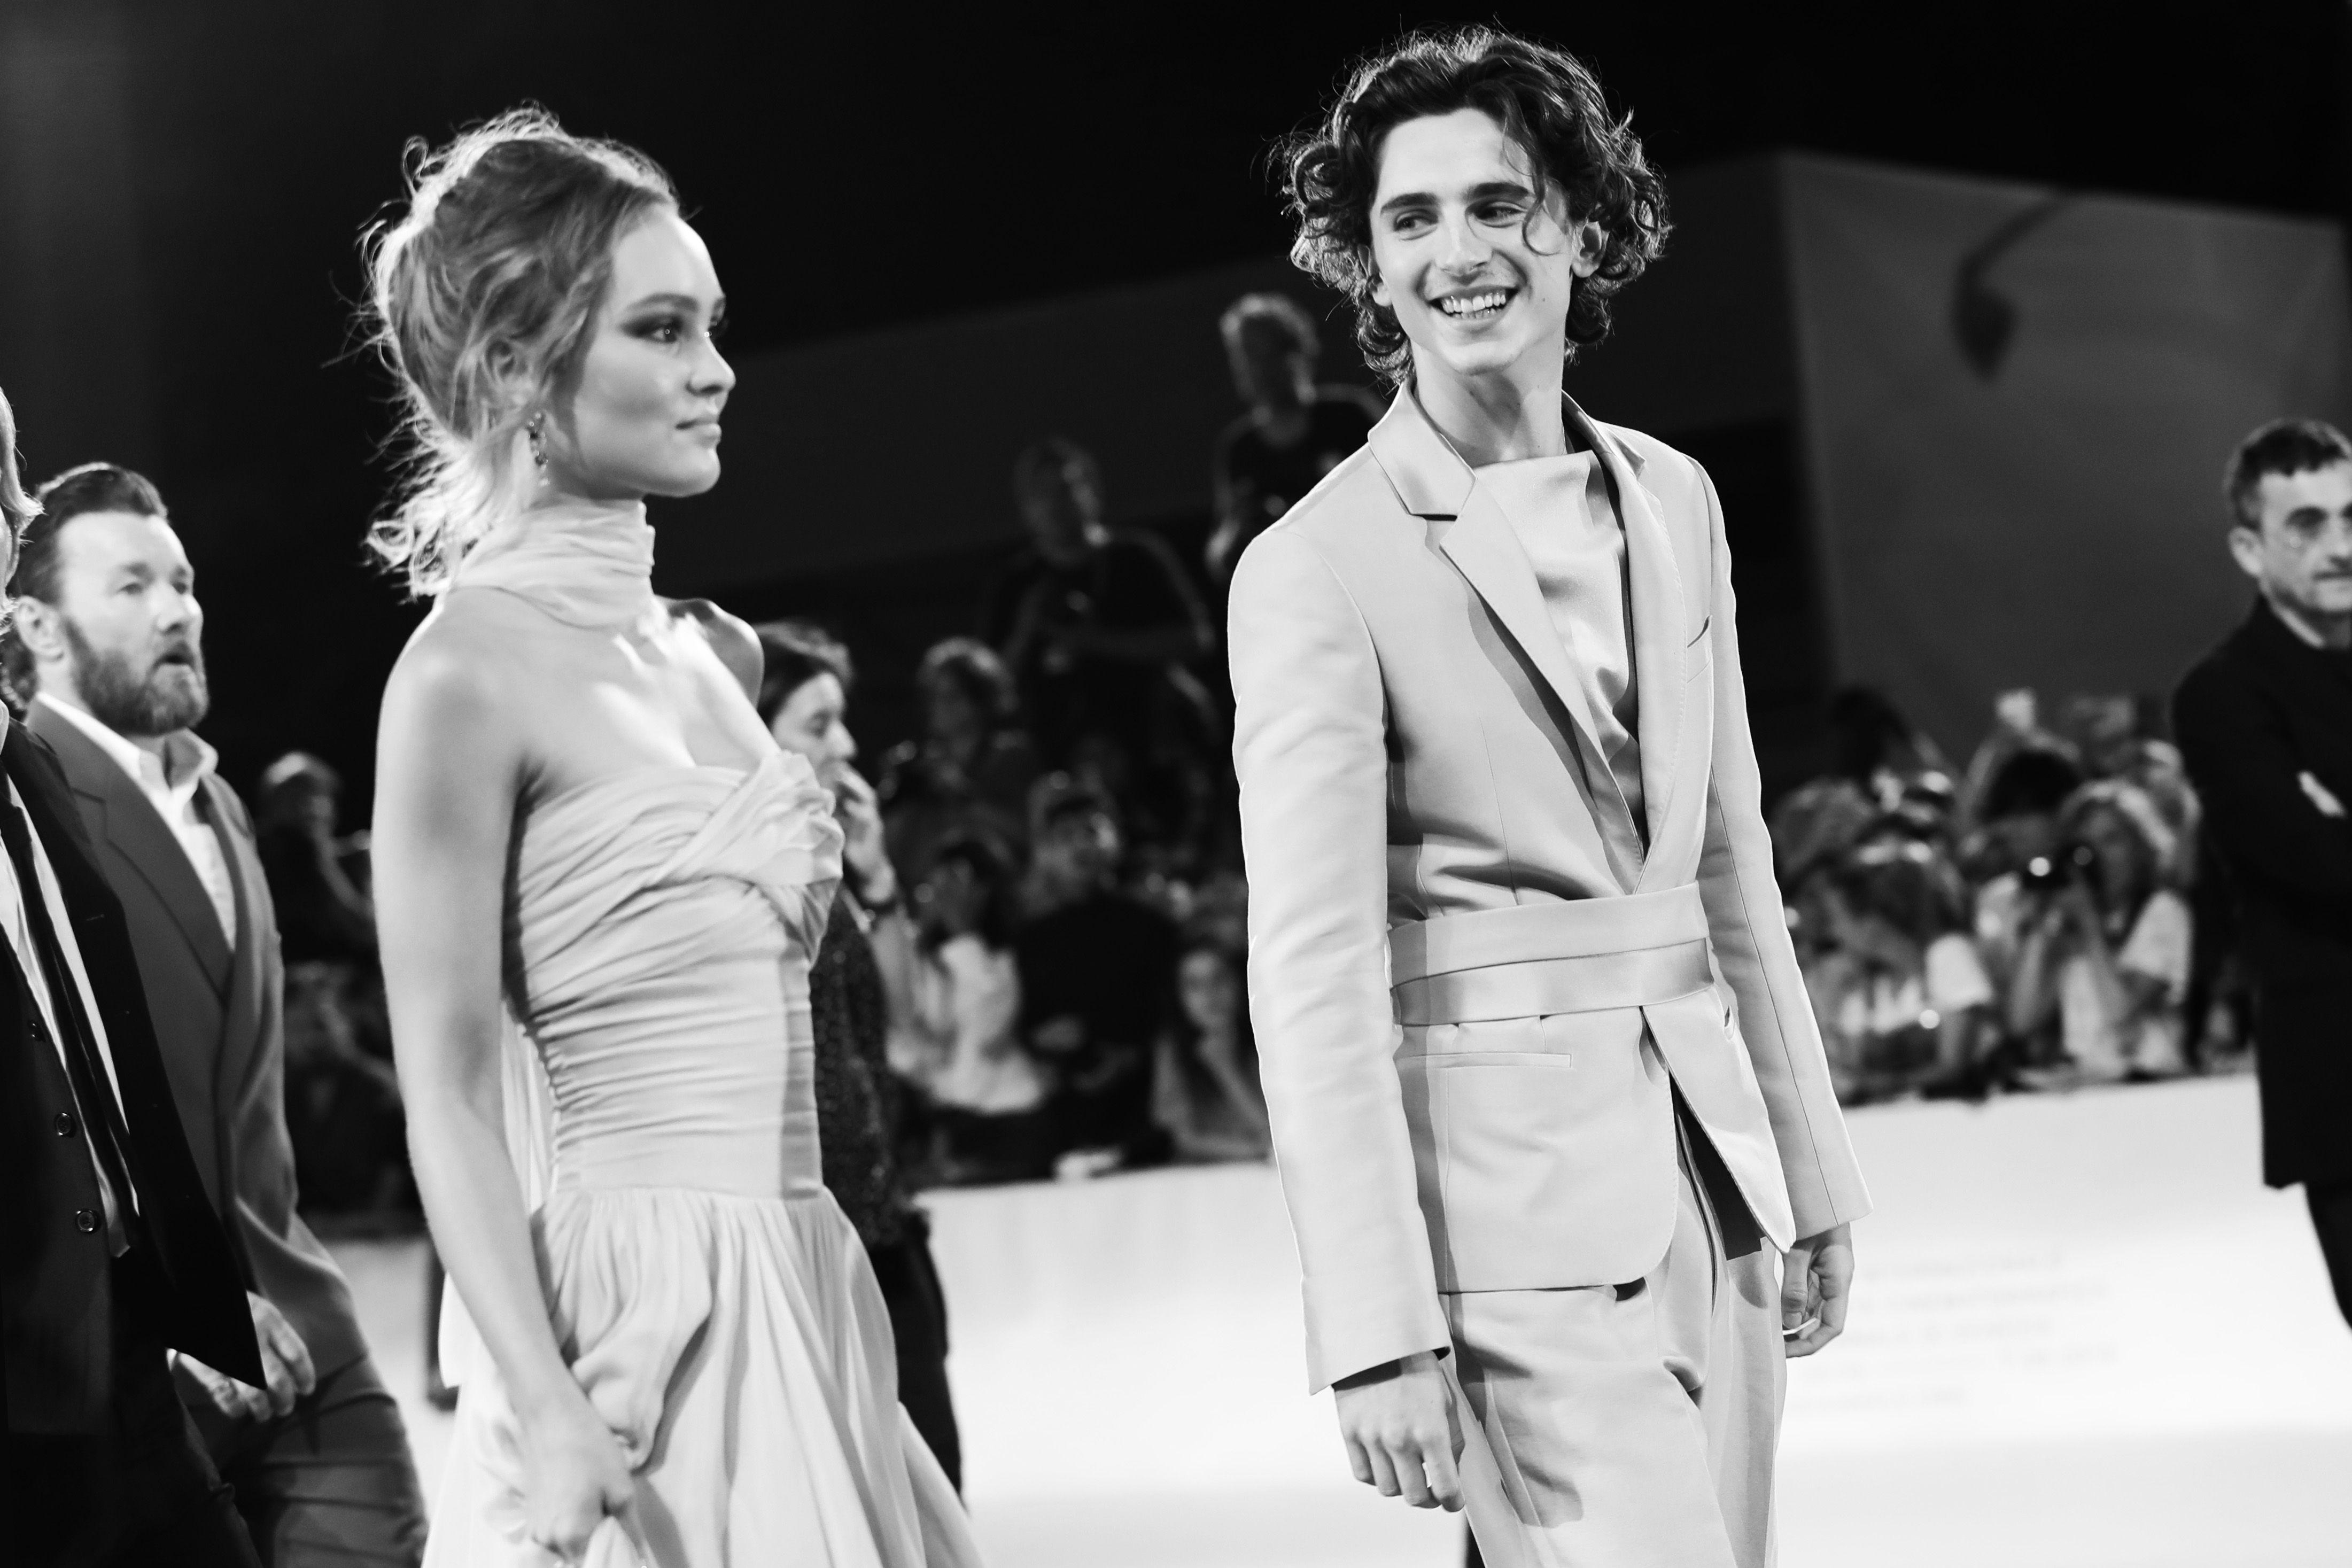 Timothée Chalamet and Lily-Rose Depp's Relationship Timeline